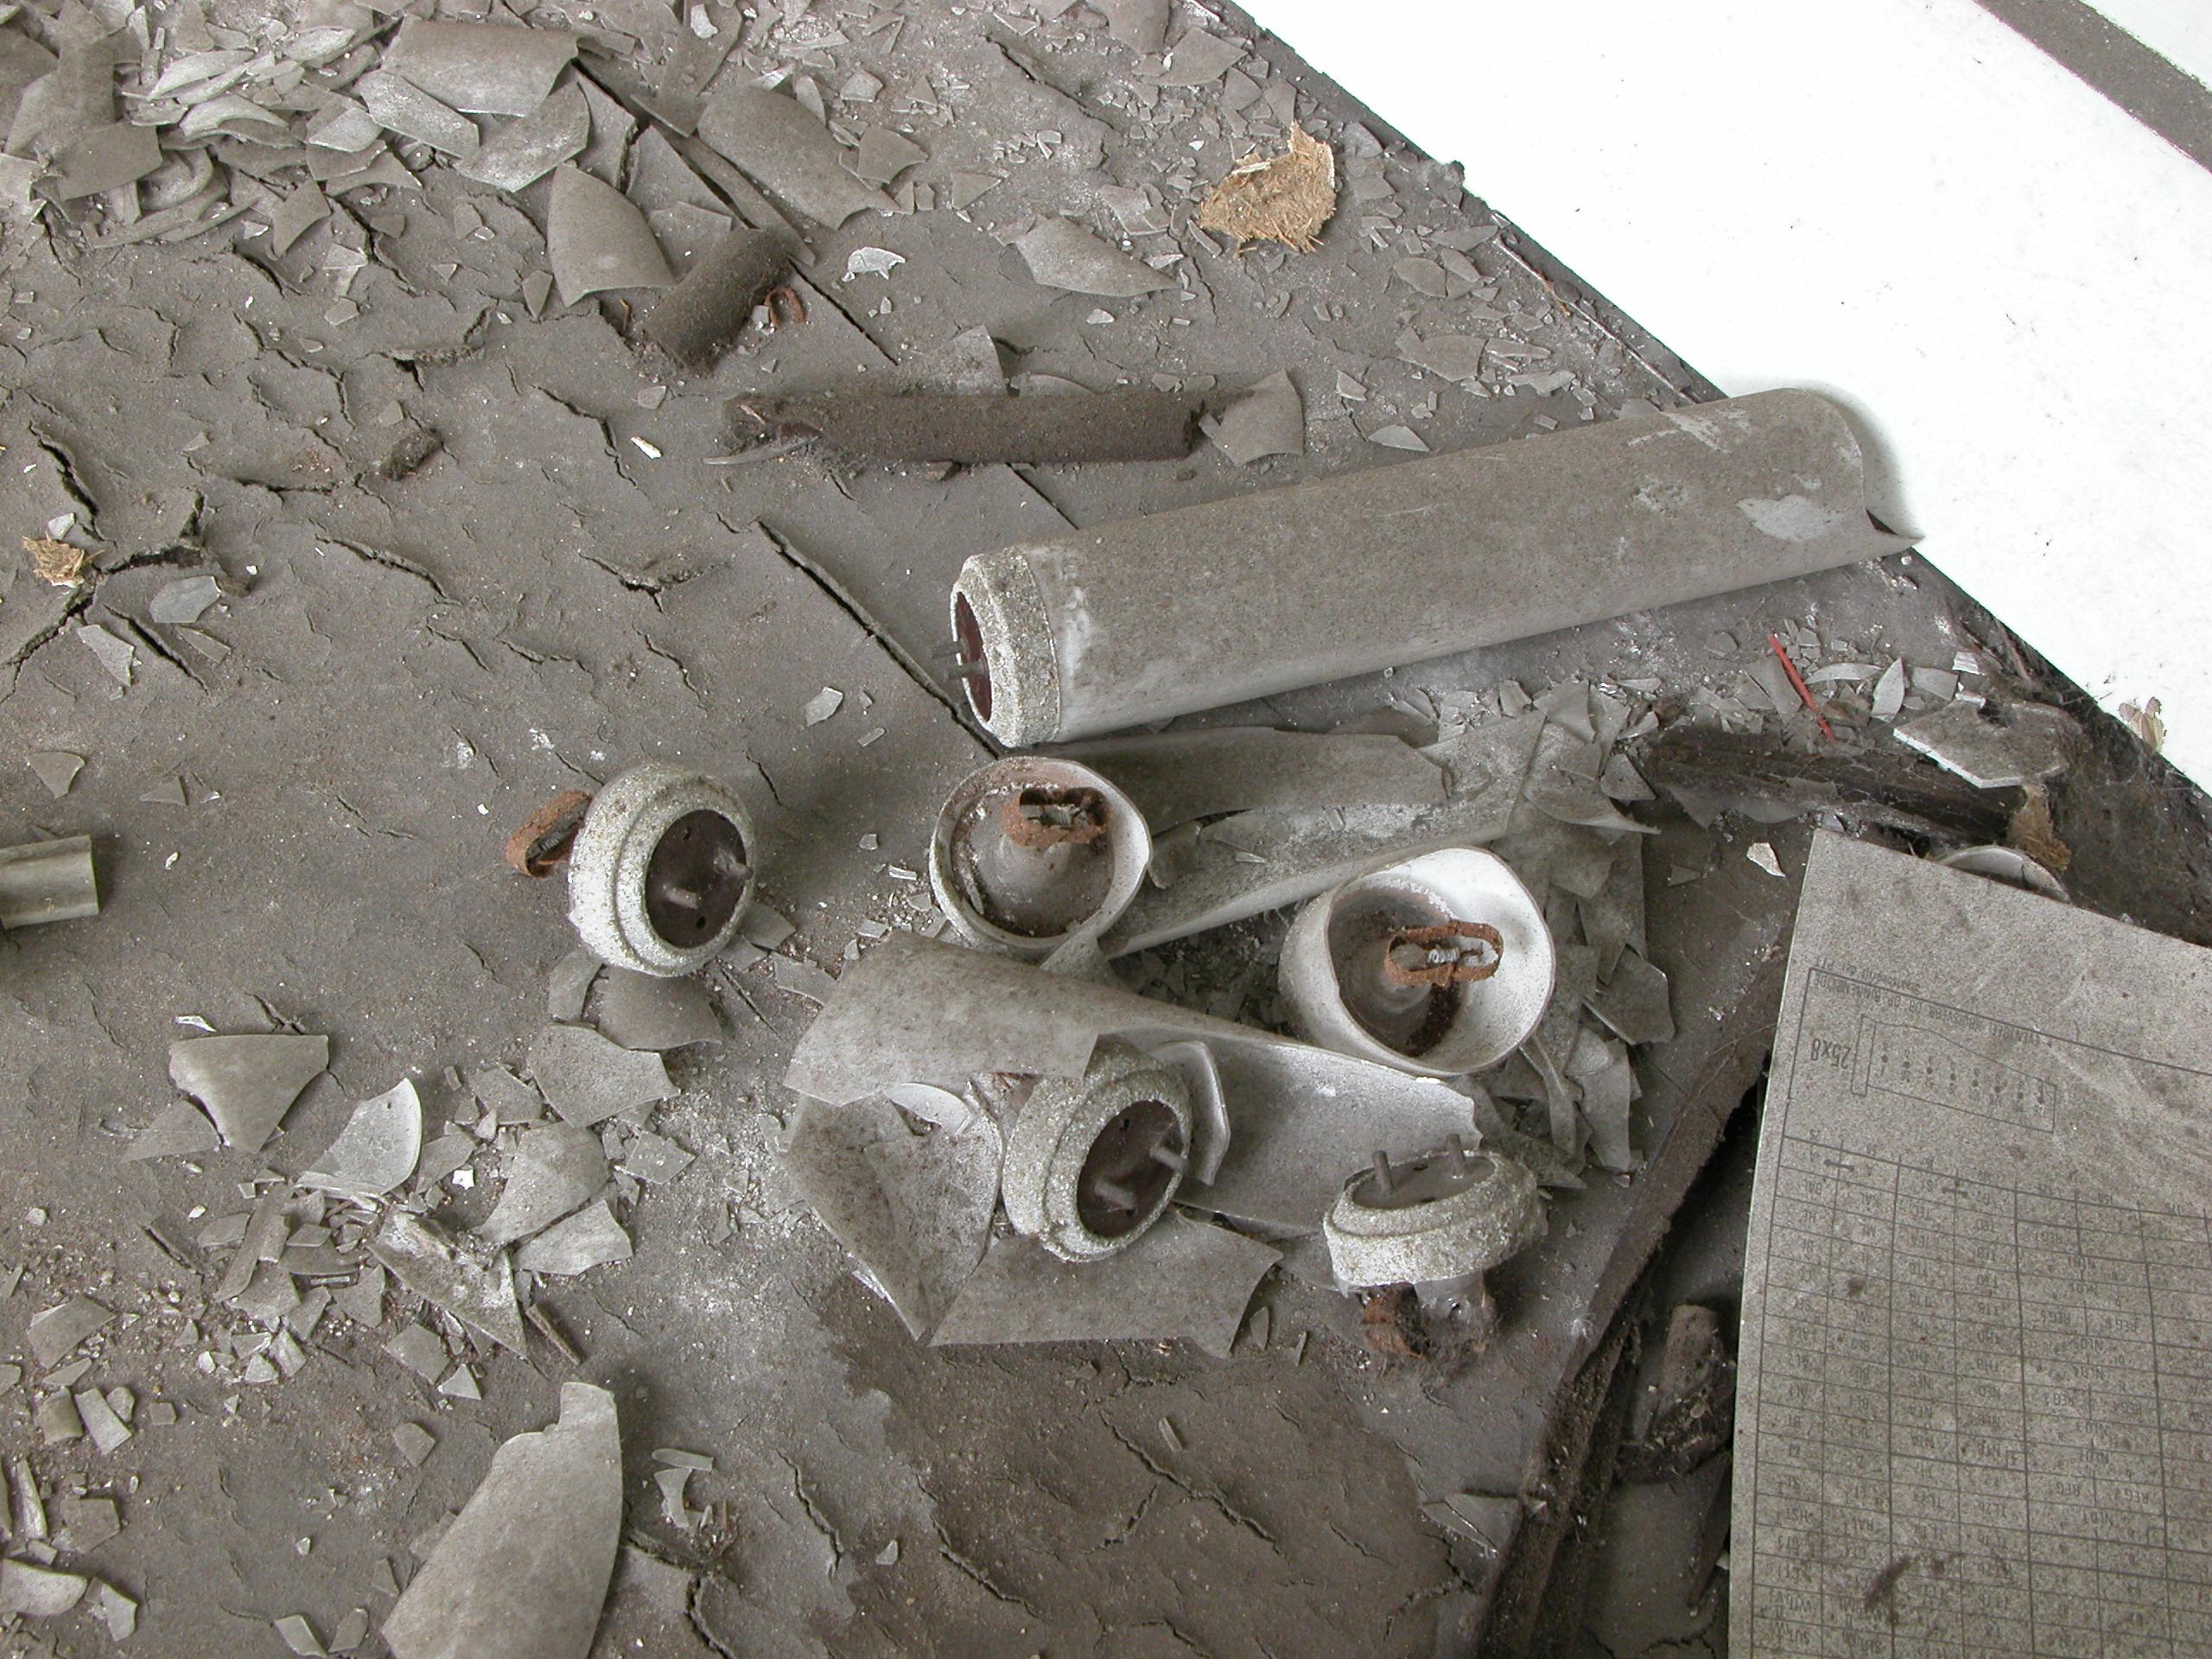 broken tube lights dirt factory floor time table dust